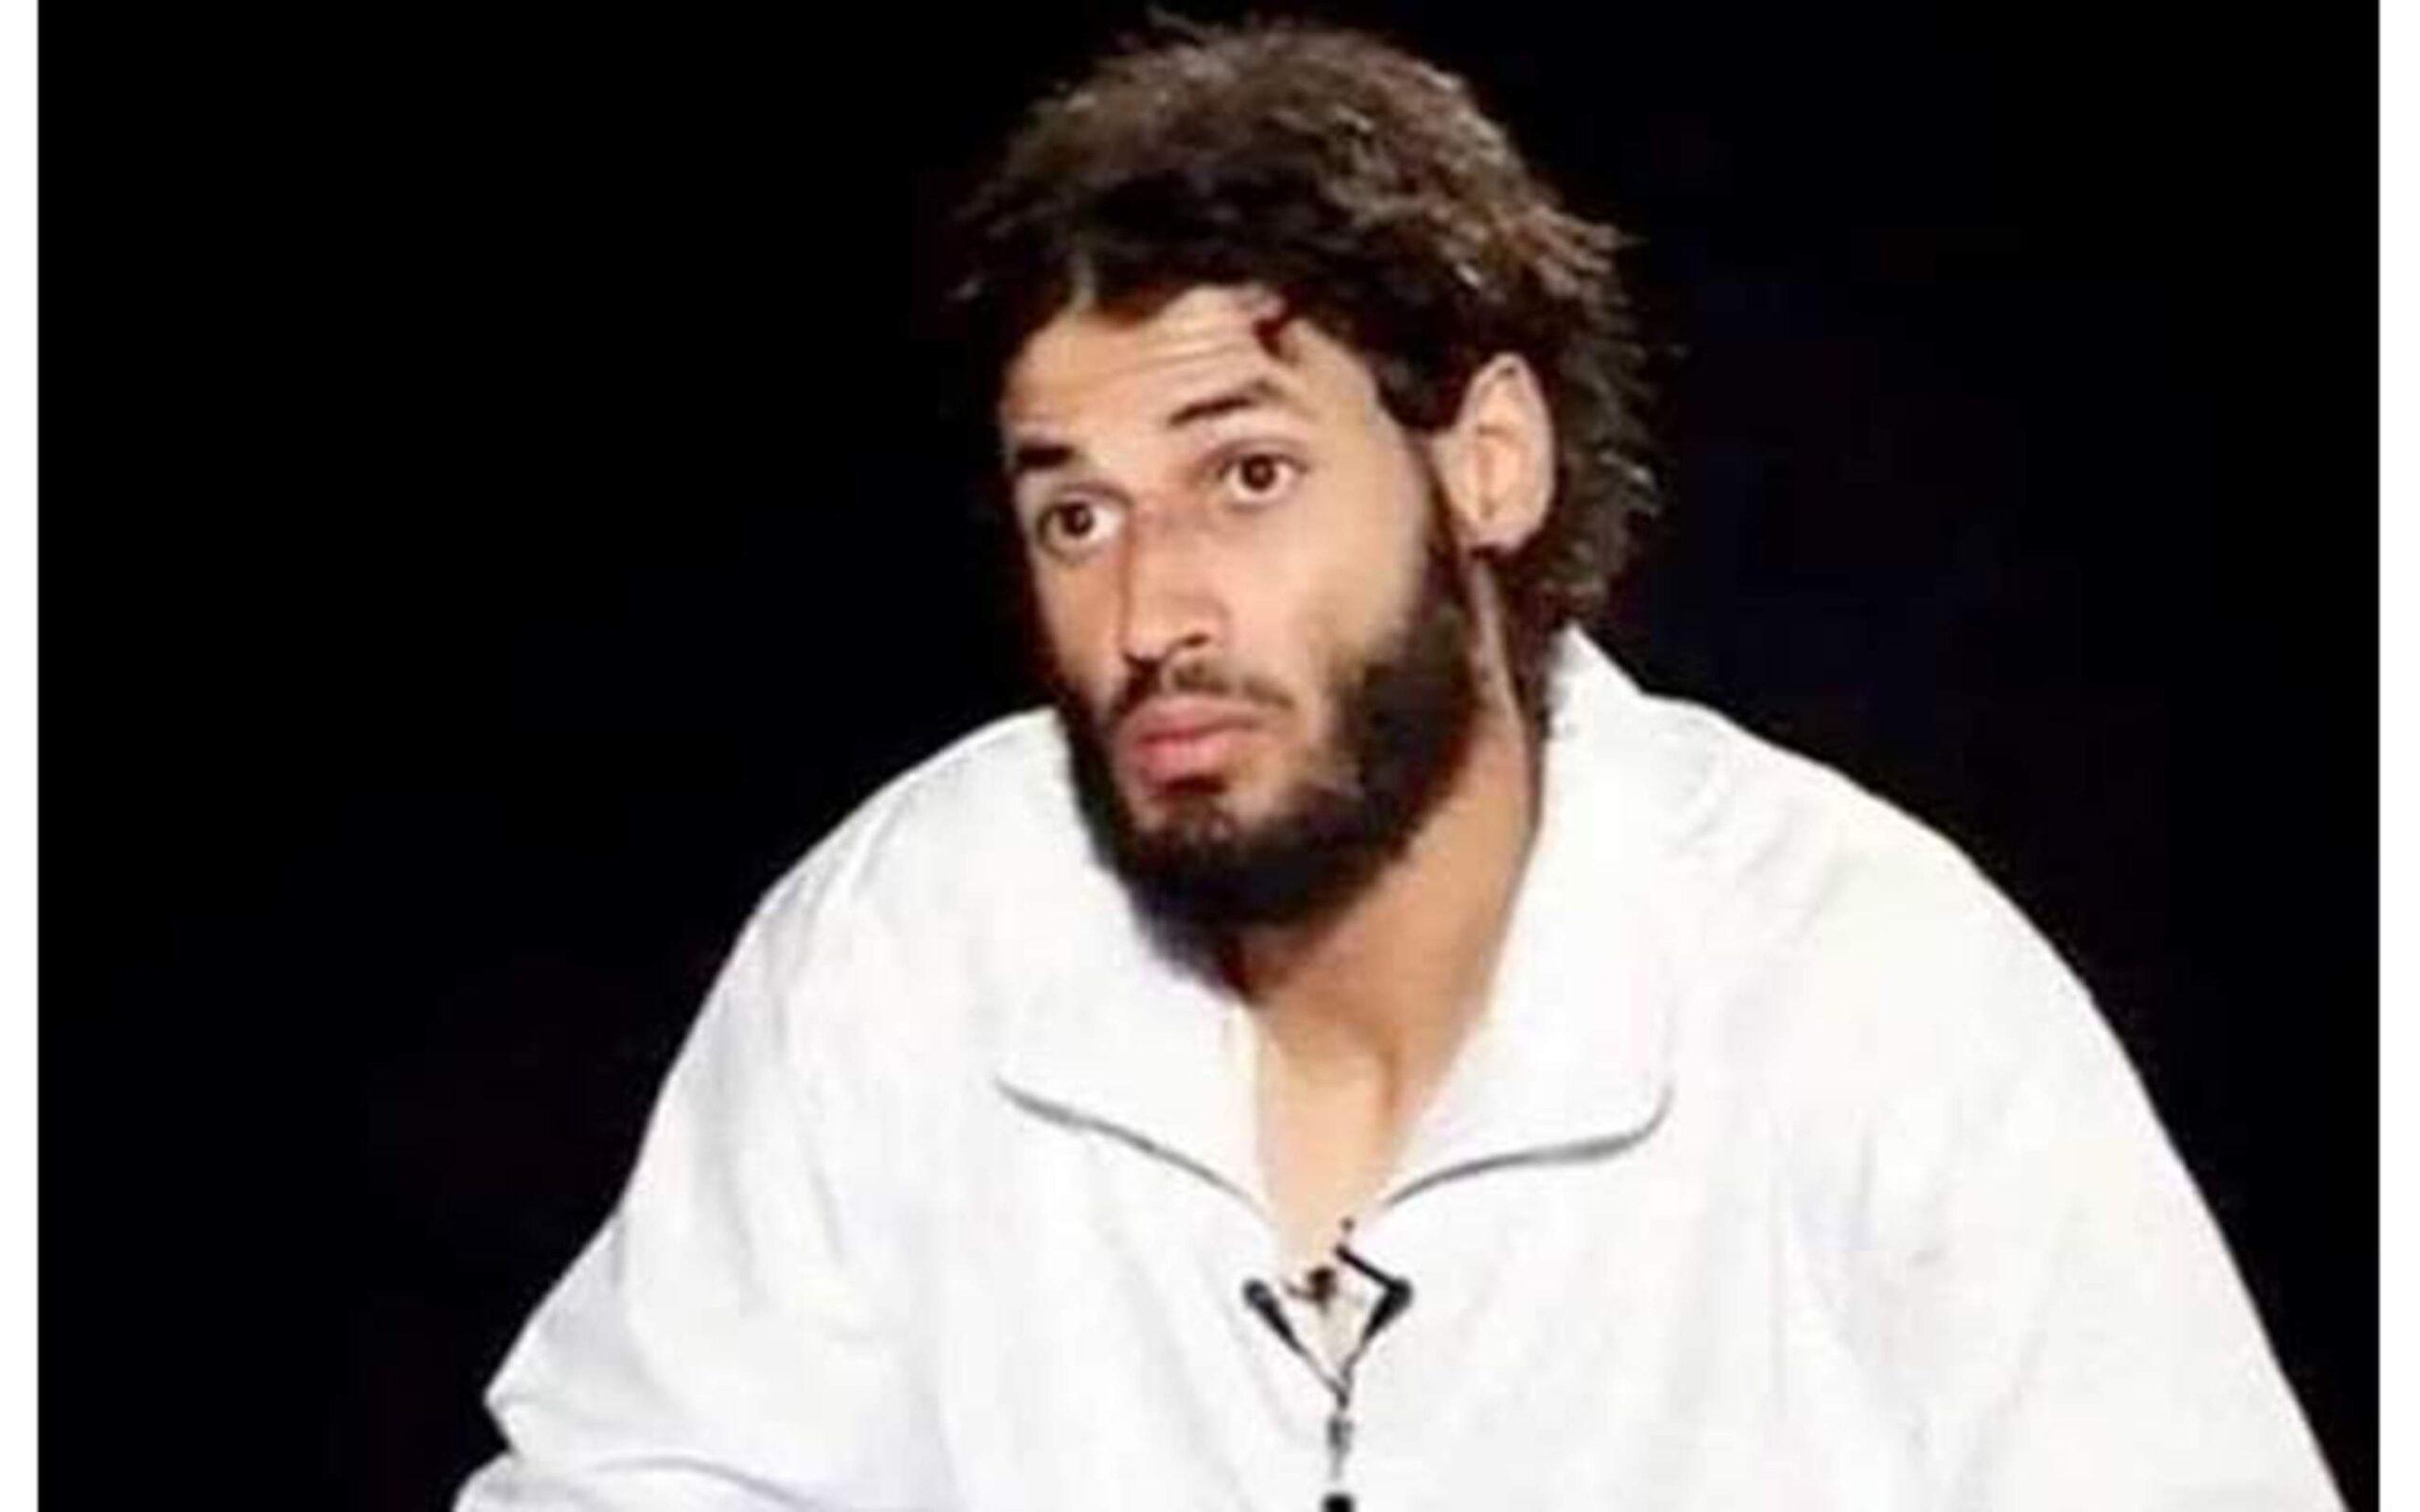 حق الشهيد .. تنفيذ حكم الإعدام على الإرهابي عبد الرحيم المسماري العقل المدبر لحادثة الواحات